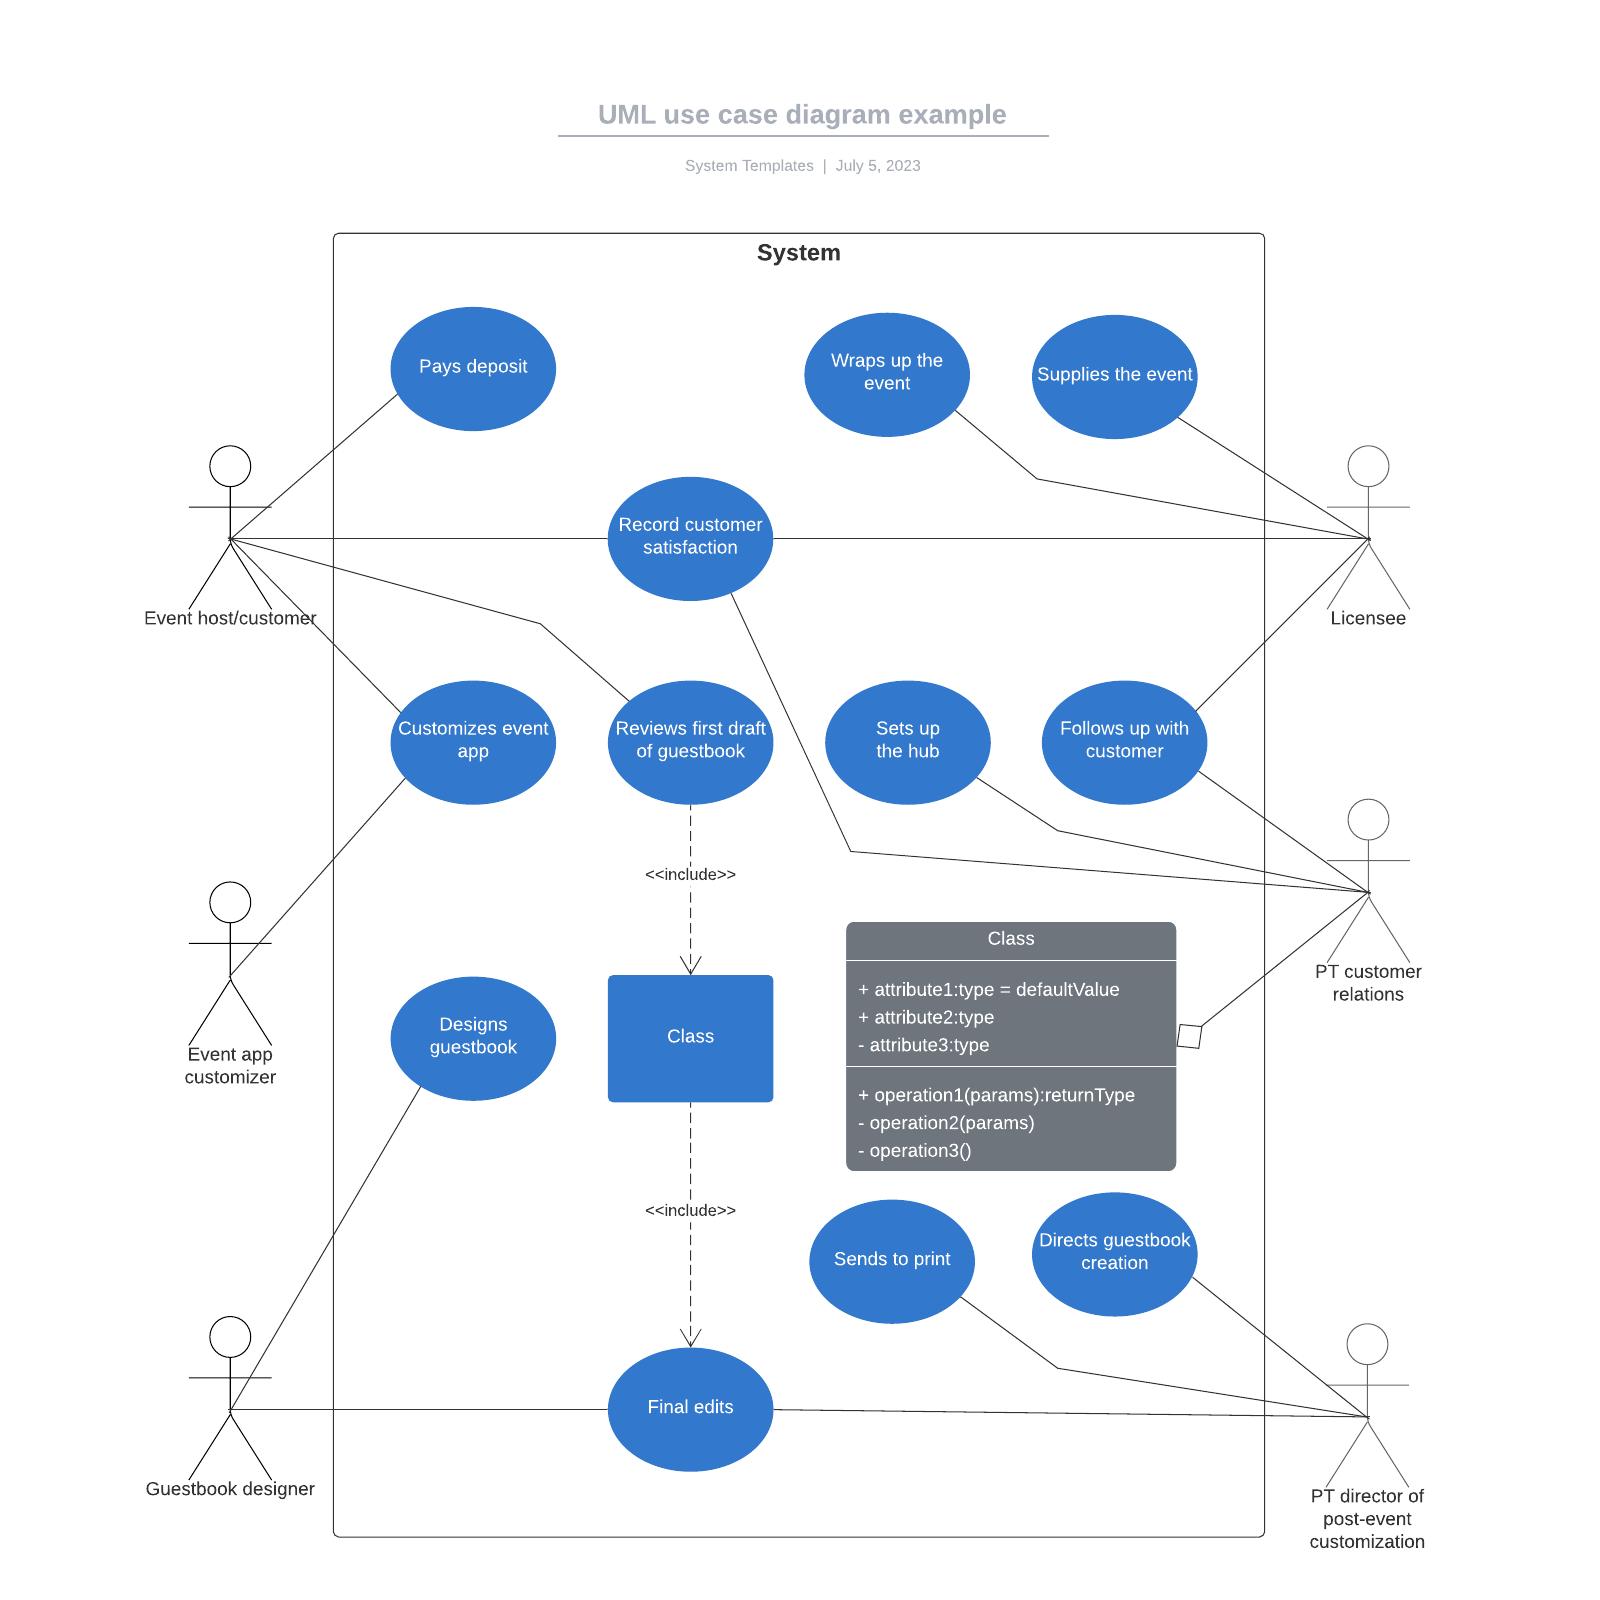 UML use case diagram example